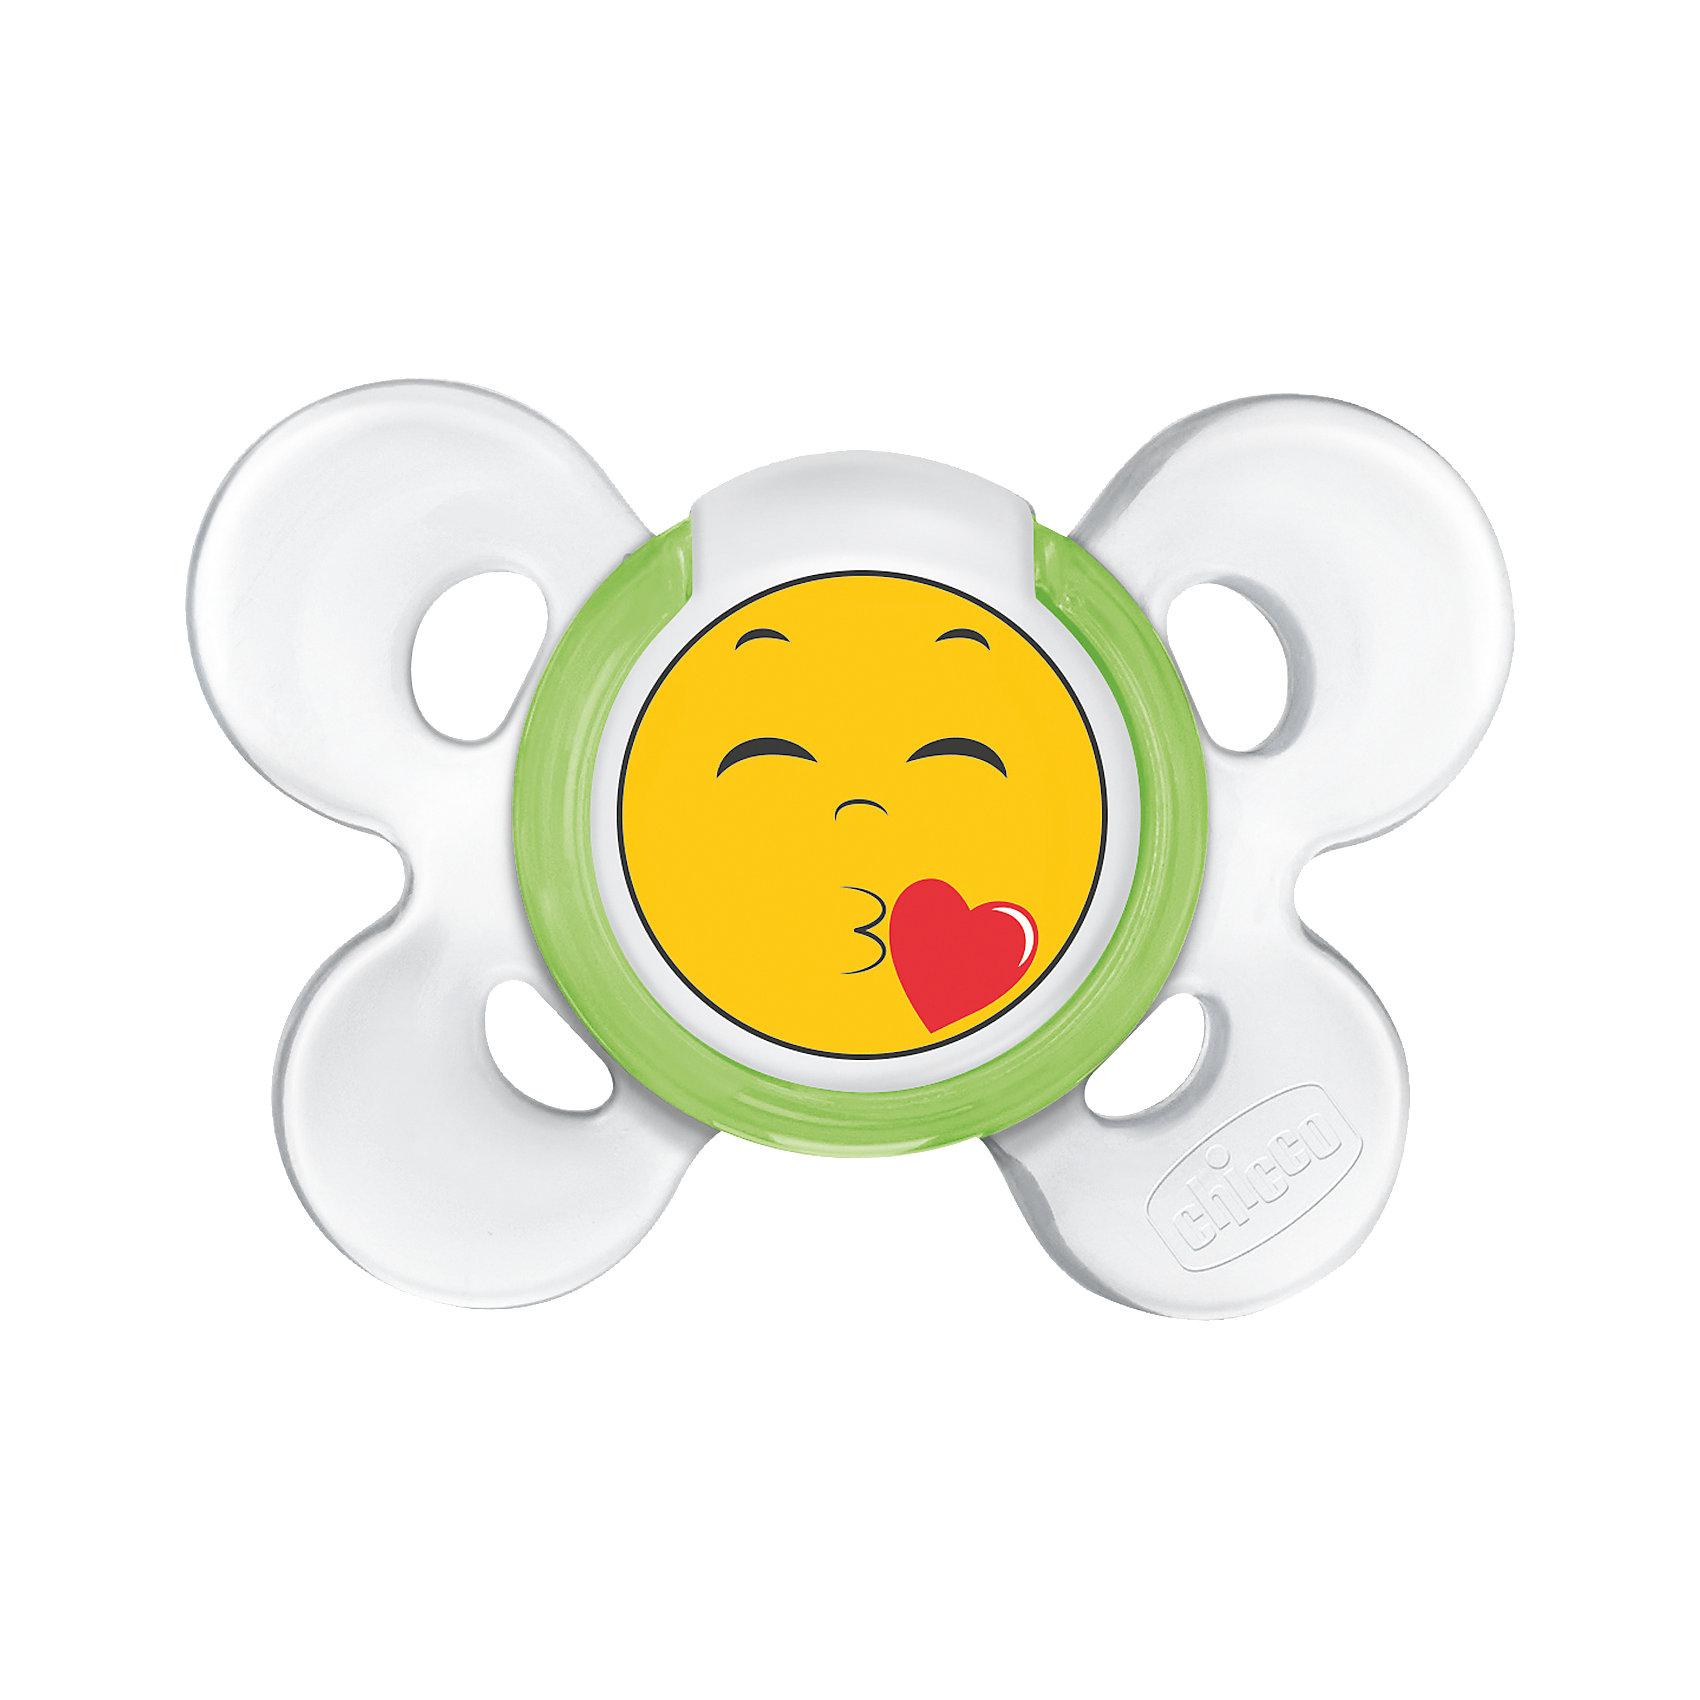 Пустышка Physio Comfort Smile, 6-12 мес., сил., CHICCOПустышки из силикона<br>Ортодонтическая пустышка Physio Comfort Smile от Chicco(Чикко)  предназначена для детей с 6 до 12 месяцев. Пустышка изготовлена с учетом анатомических особенностей ребенка и обеспечит максимально комфортное использование.<br><br>Особенности:<br>-удобная форма облегчит дыхание благодаря большому свободному пространству вокруг носа и подбородка<br>-широкое углубленное основание соски обеспечит правильный захват, максимально приближенный к естественному<br>-4 небольших опоры для личика<br>-разработана с помощью ведущих ортодонтов<br><br>Дополнительная информация:<br>Материал: силикон<br>Возраст: с 6 до 12 месяцев<br><br>Пустышку Physio Comfort Smile  Chicco(Чикко) вы можете приобрести в нашем интернет-магазине.<br><br>Ширина мм: 140<br>Глубина мм: 84<br>Высота мм: 47<br>Вес г: 36<br>Возраст от месяцев: 6<br>Возраст до месяцев: 12<br>Пол: Унисекс<br>Возраст: Детский<br>SKU: 4622993